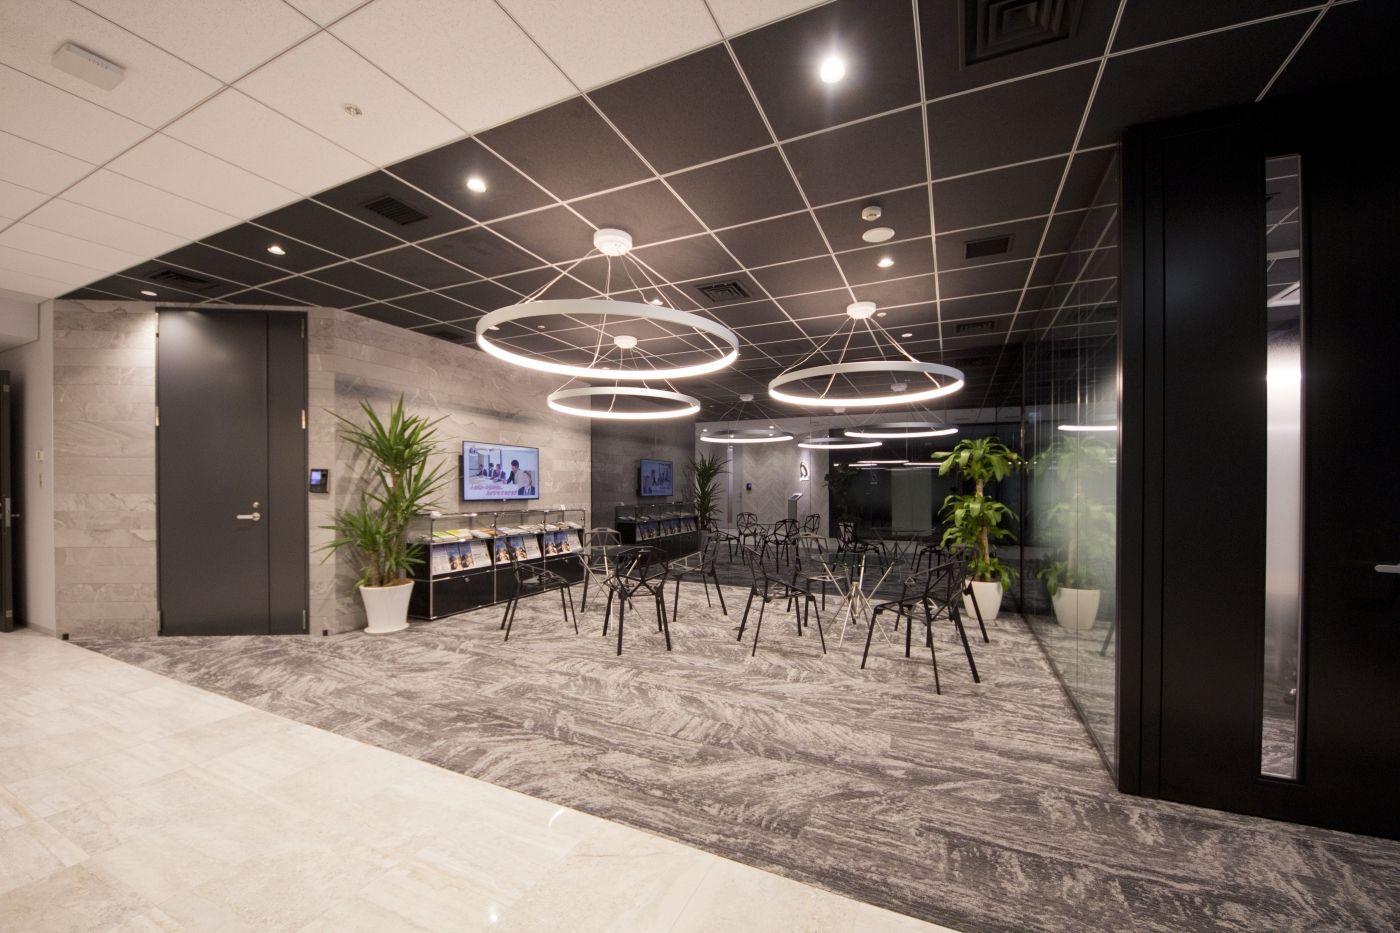 オフィスデザイン実績 白から黒に至るグラデーションで演出した 光溢れるオフィス空間 オフィスデザイン オフィス デザイン